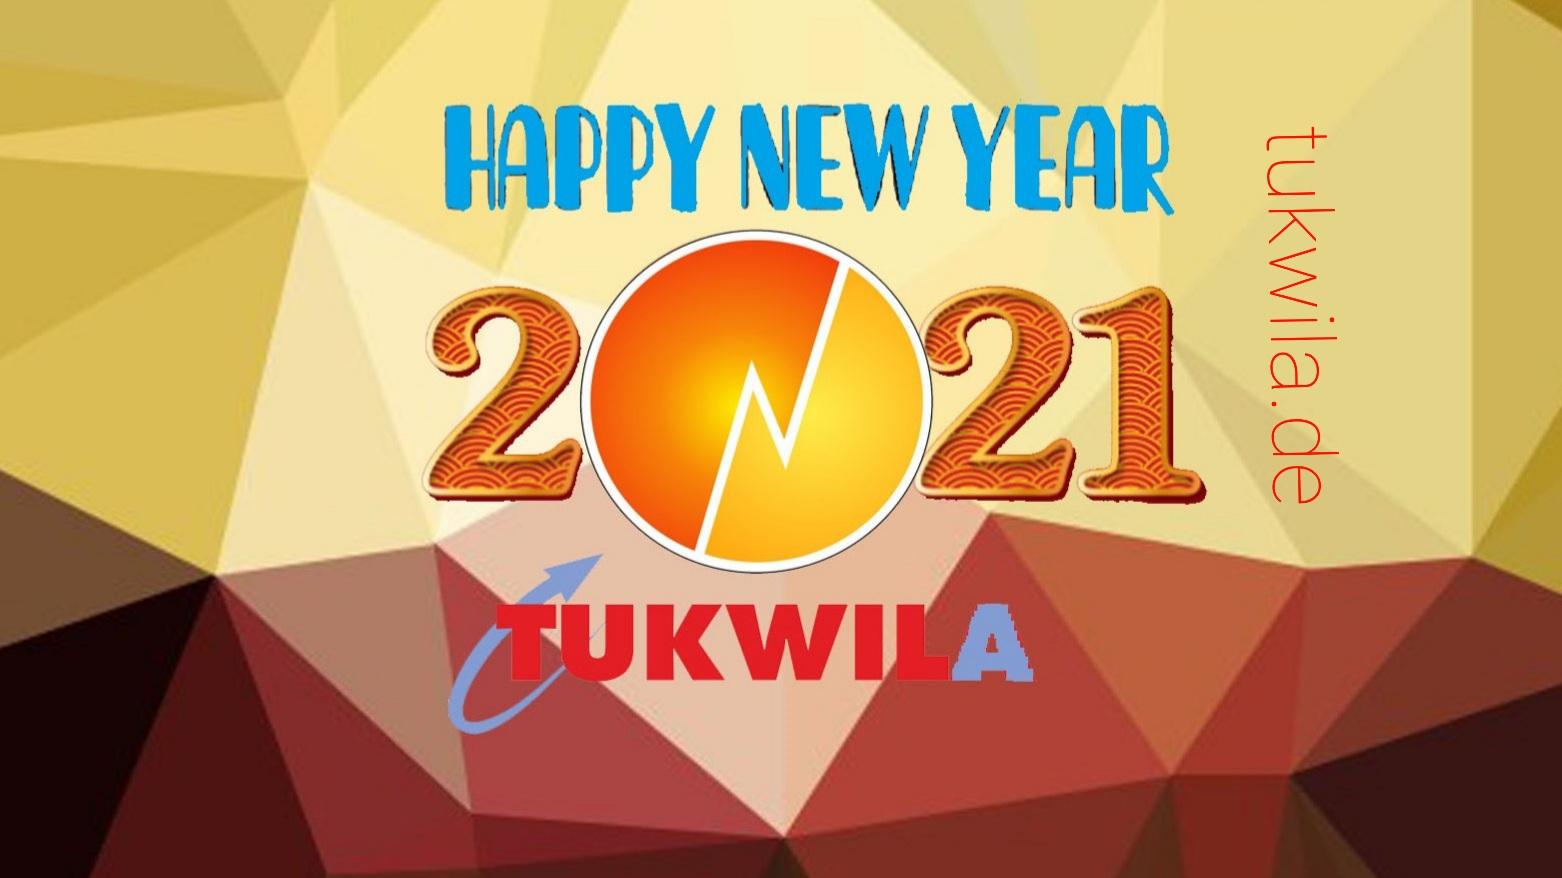 happy_new_year2021_tkwila